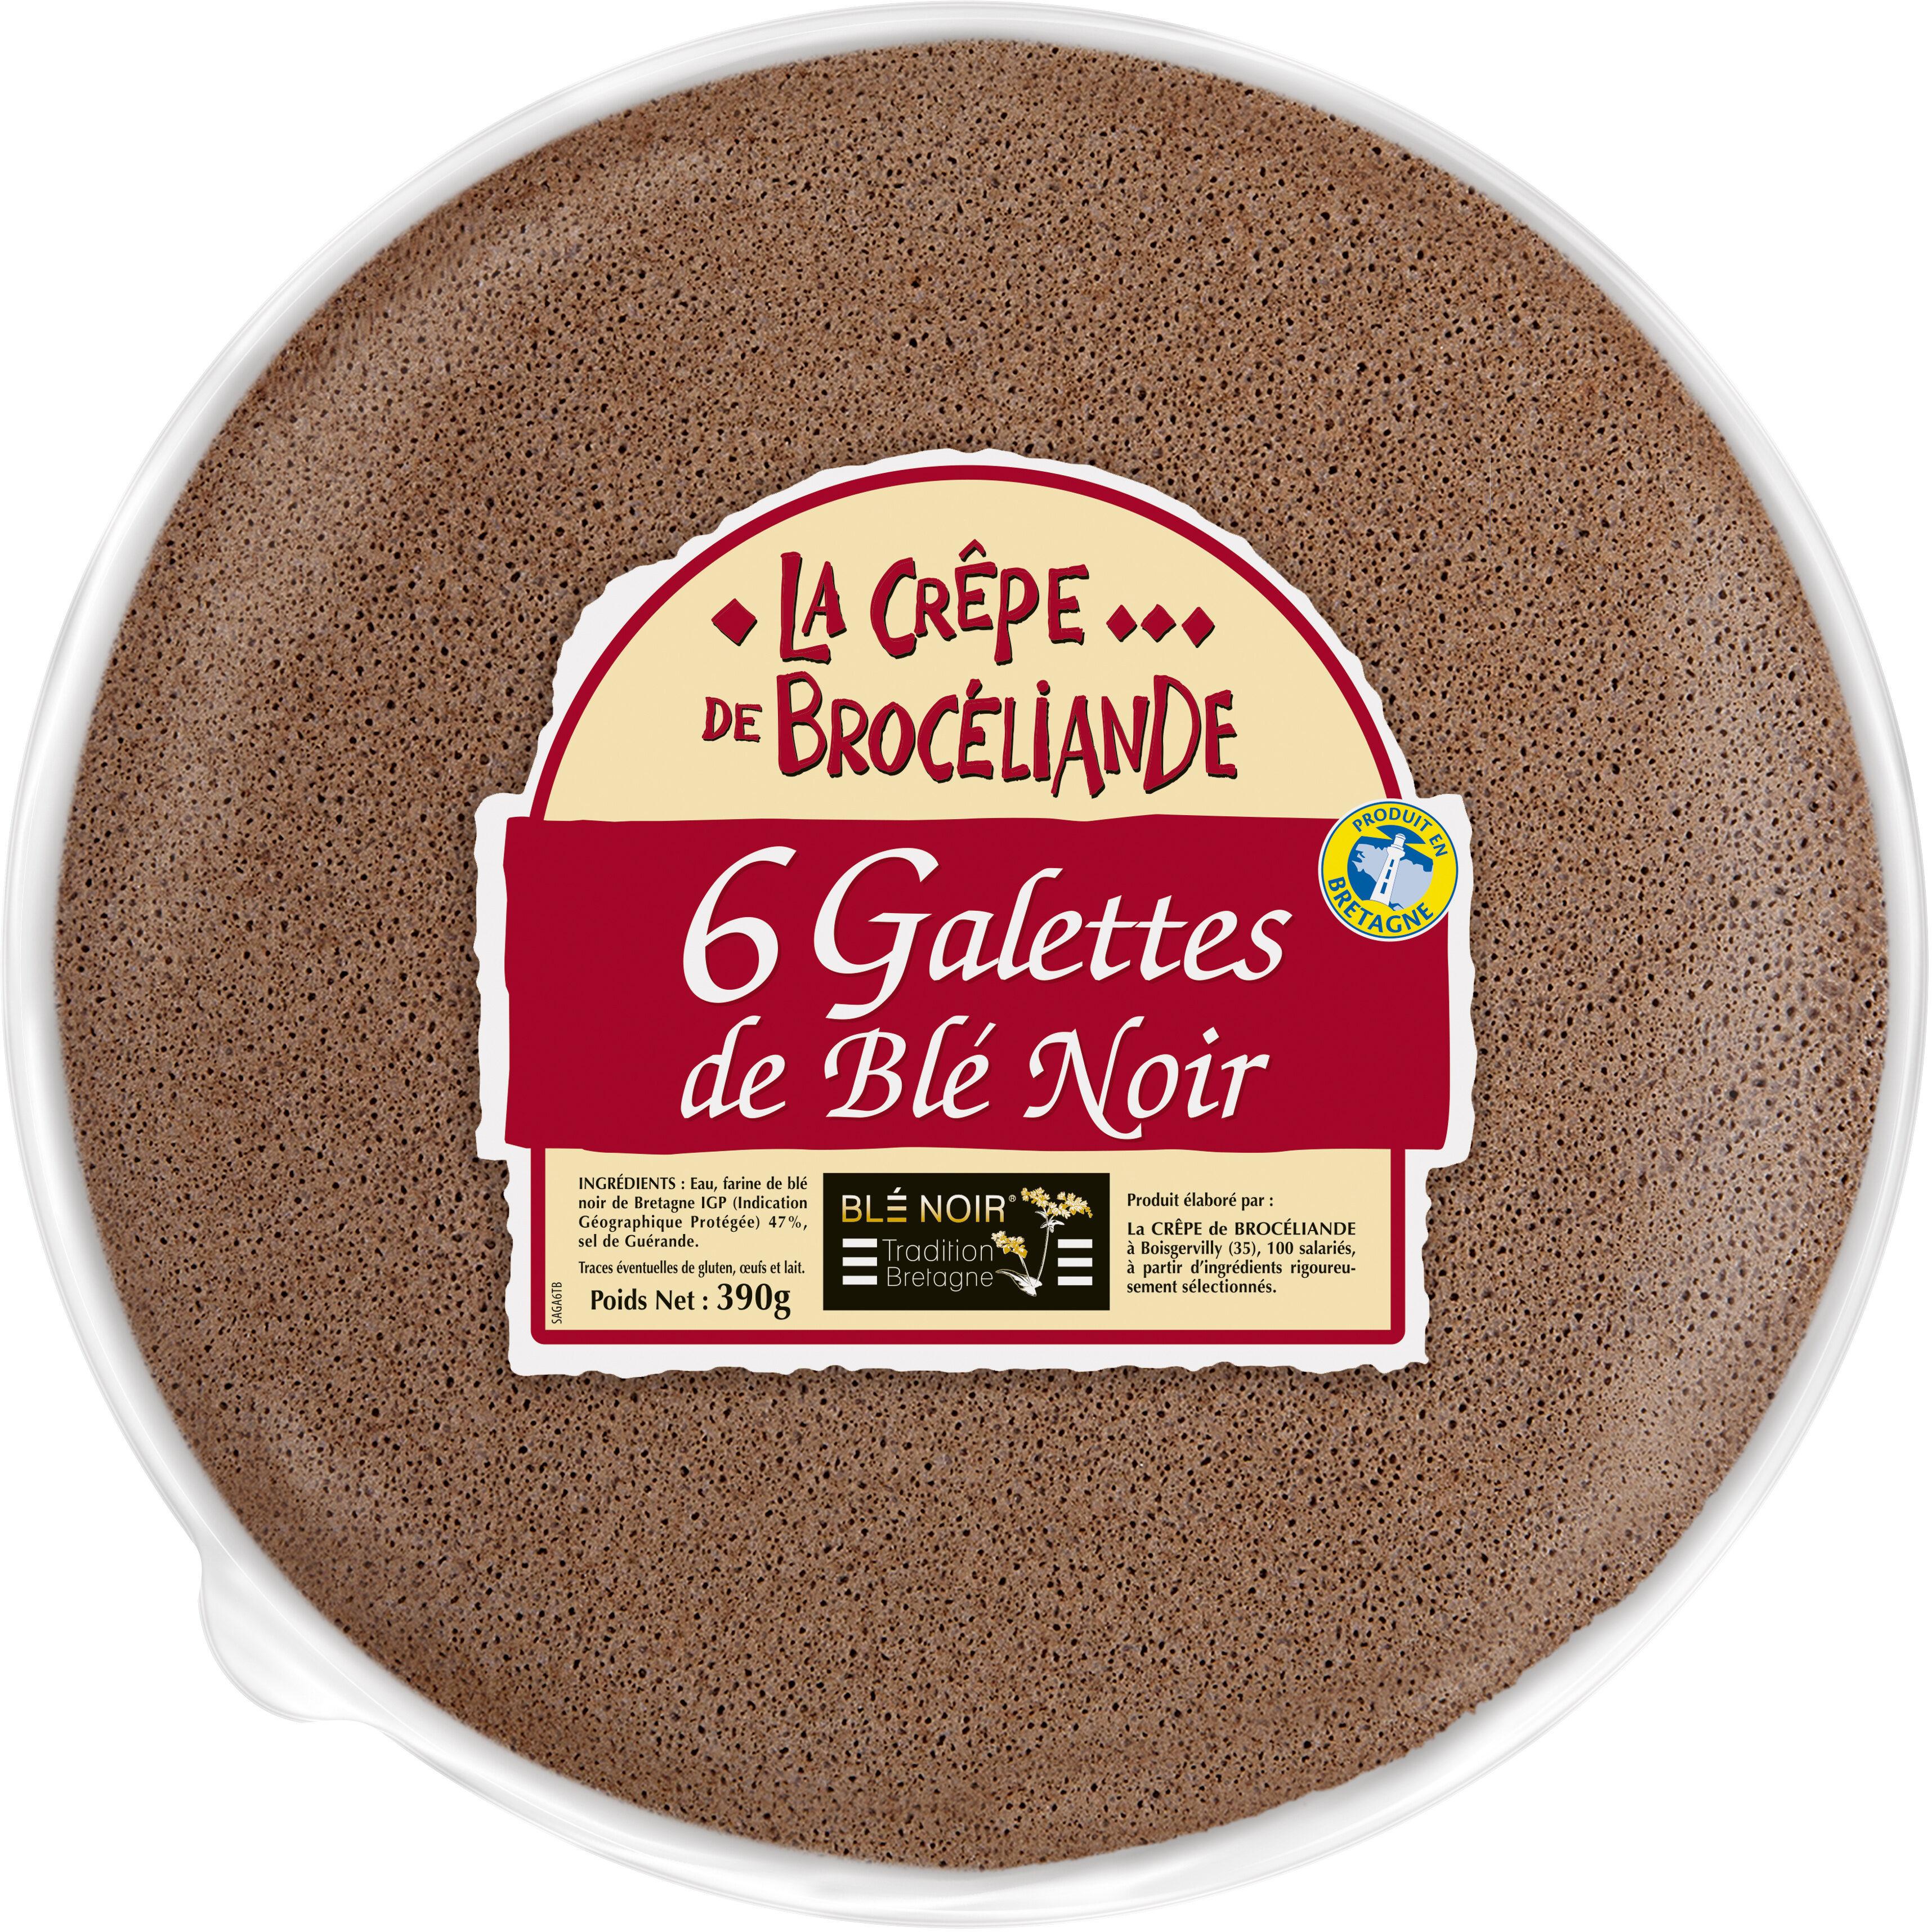 Galettes de Blé Noir Tradition Bretagne en sachet x6 - Product